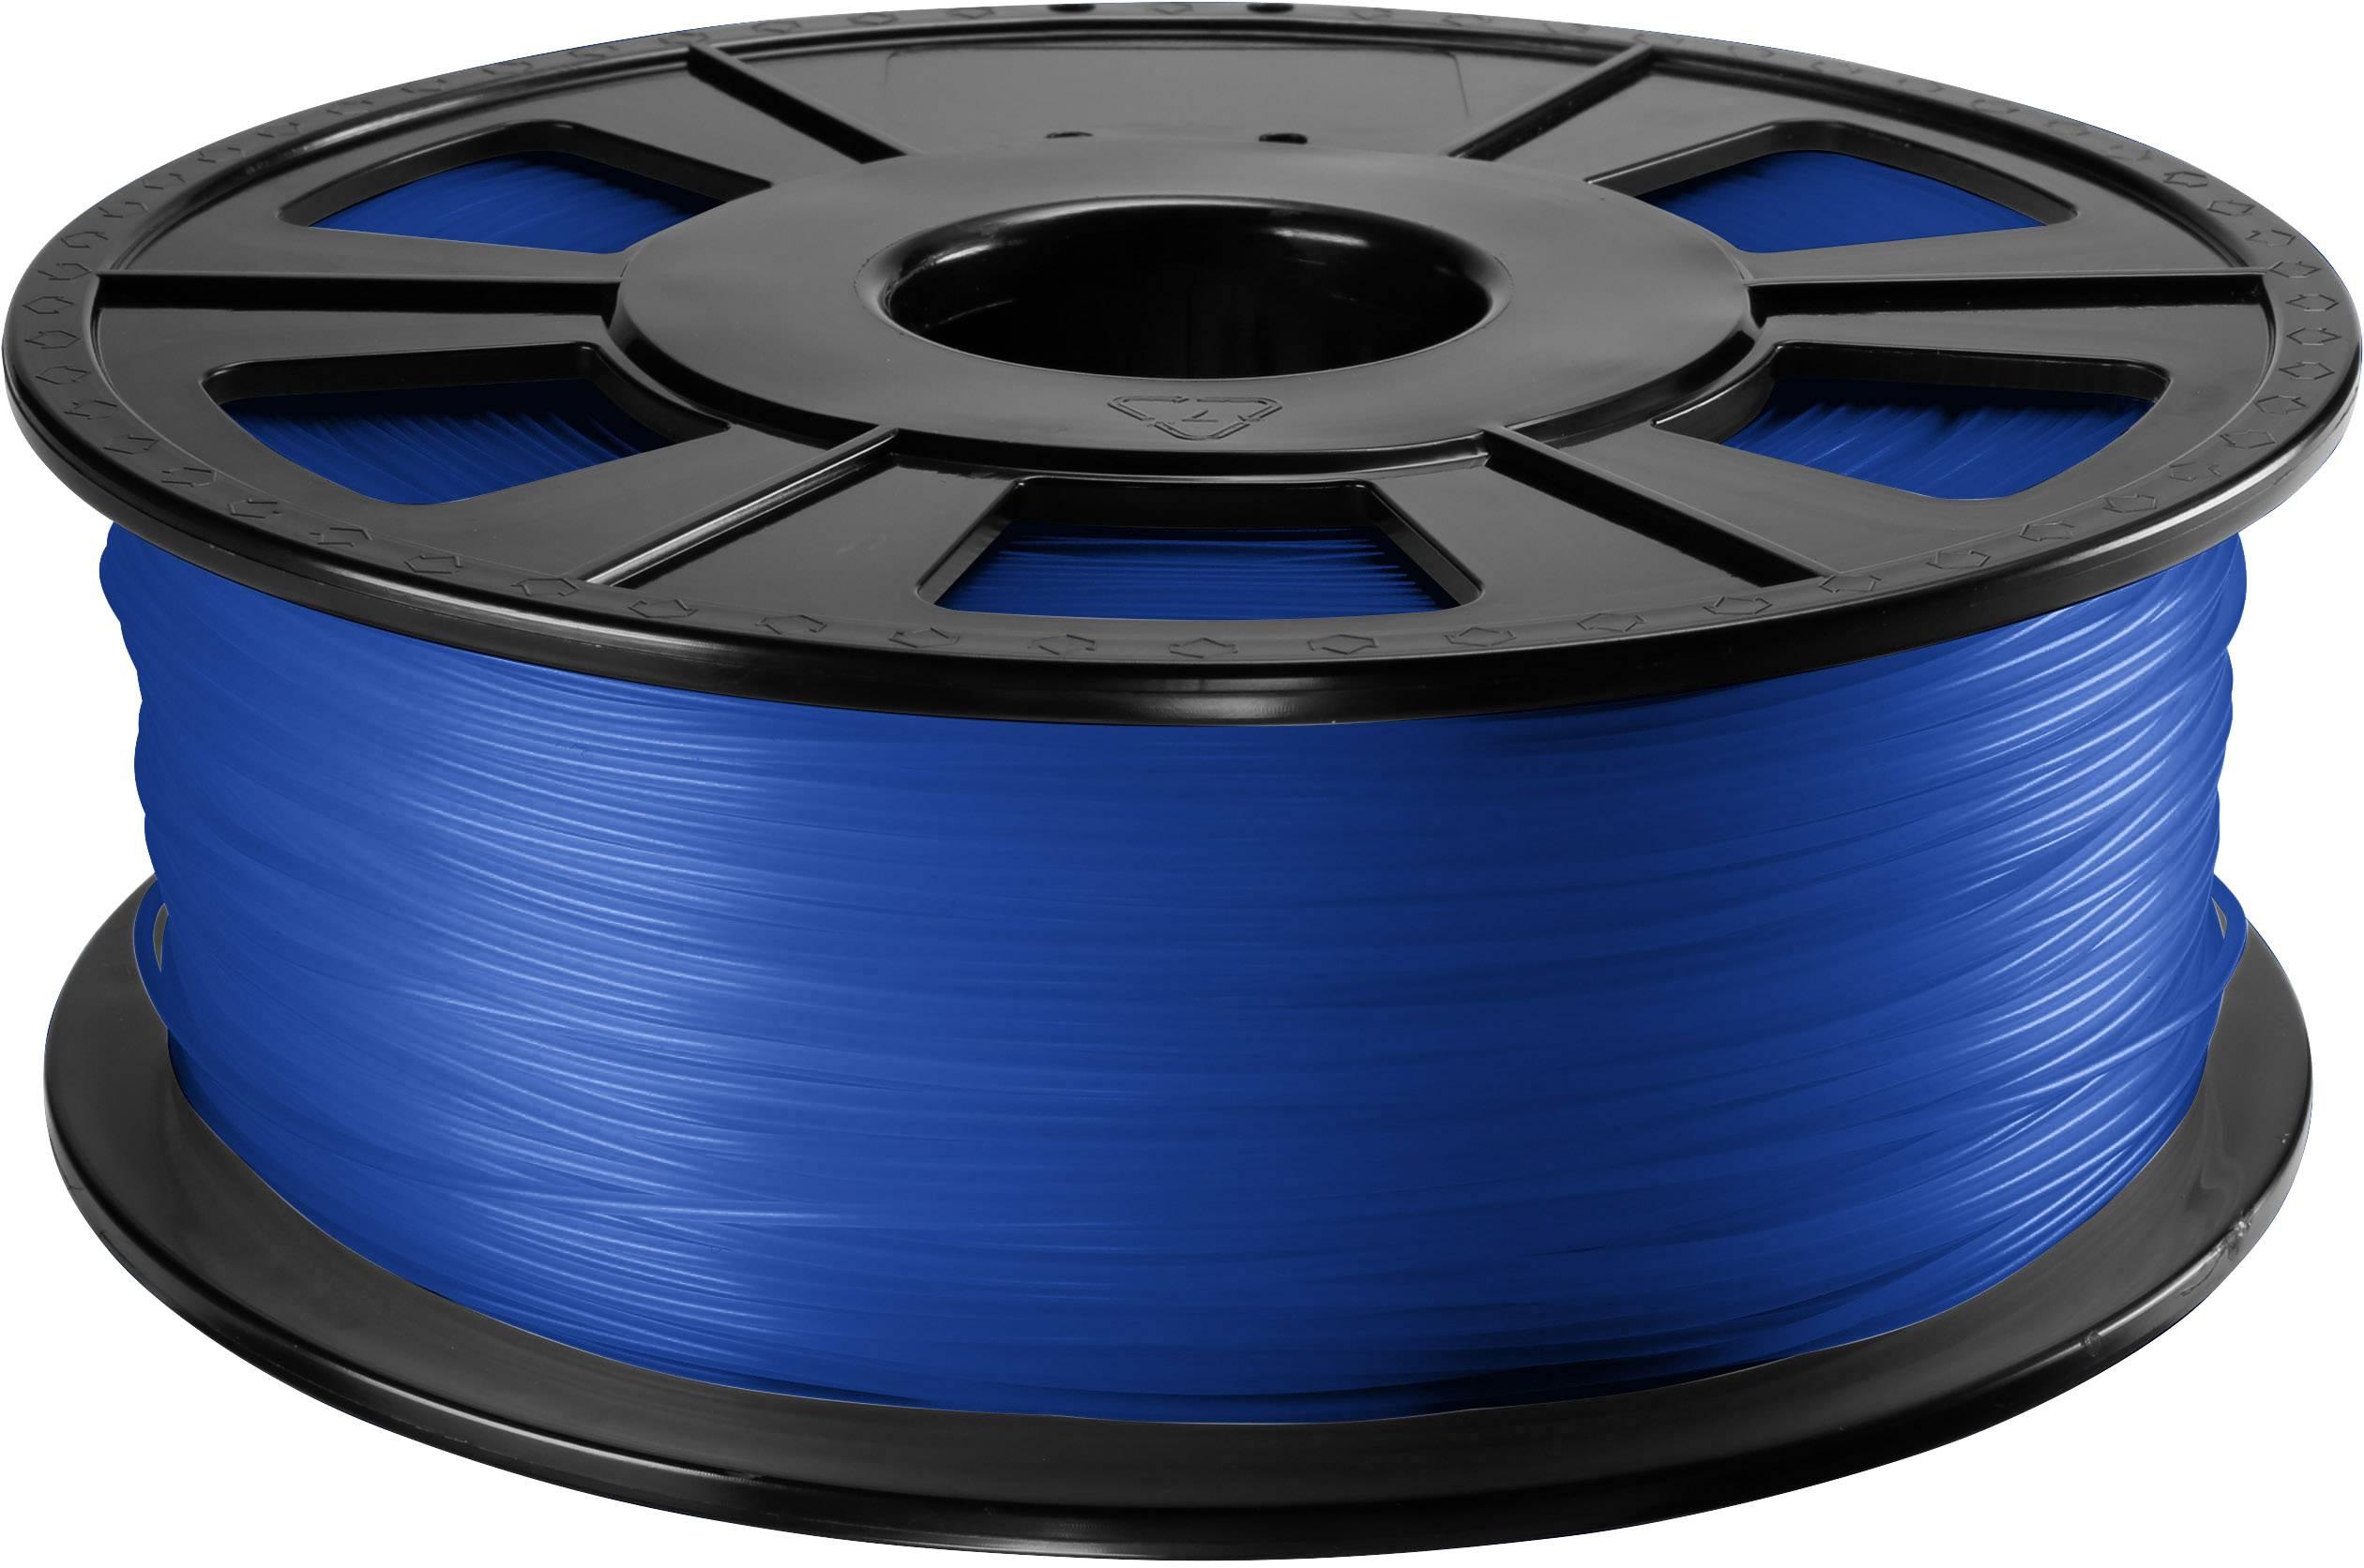 Vlákno pro 3D tiskárny Renkforce 01.04.18.1208, PETG plast, 2.85 mm, 1 kg, modrá